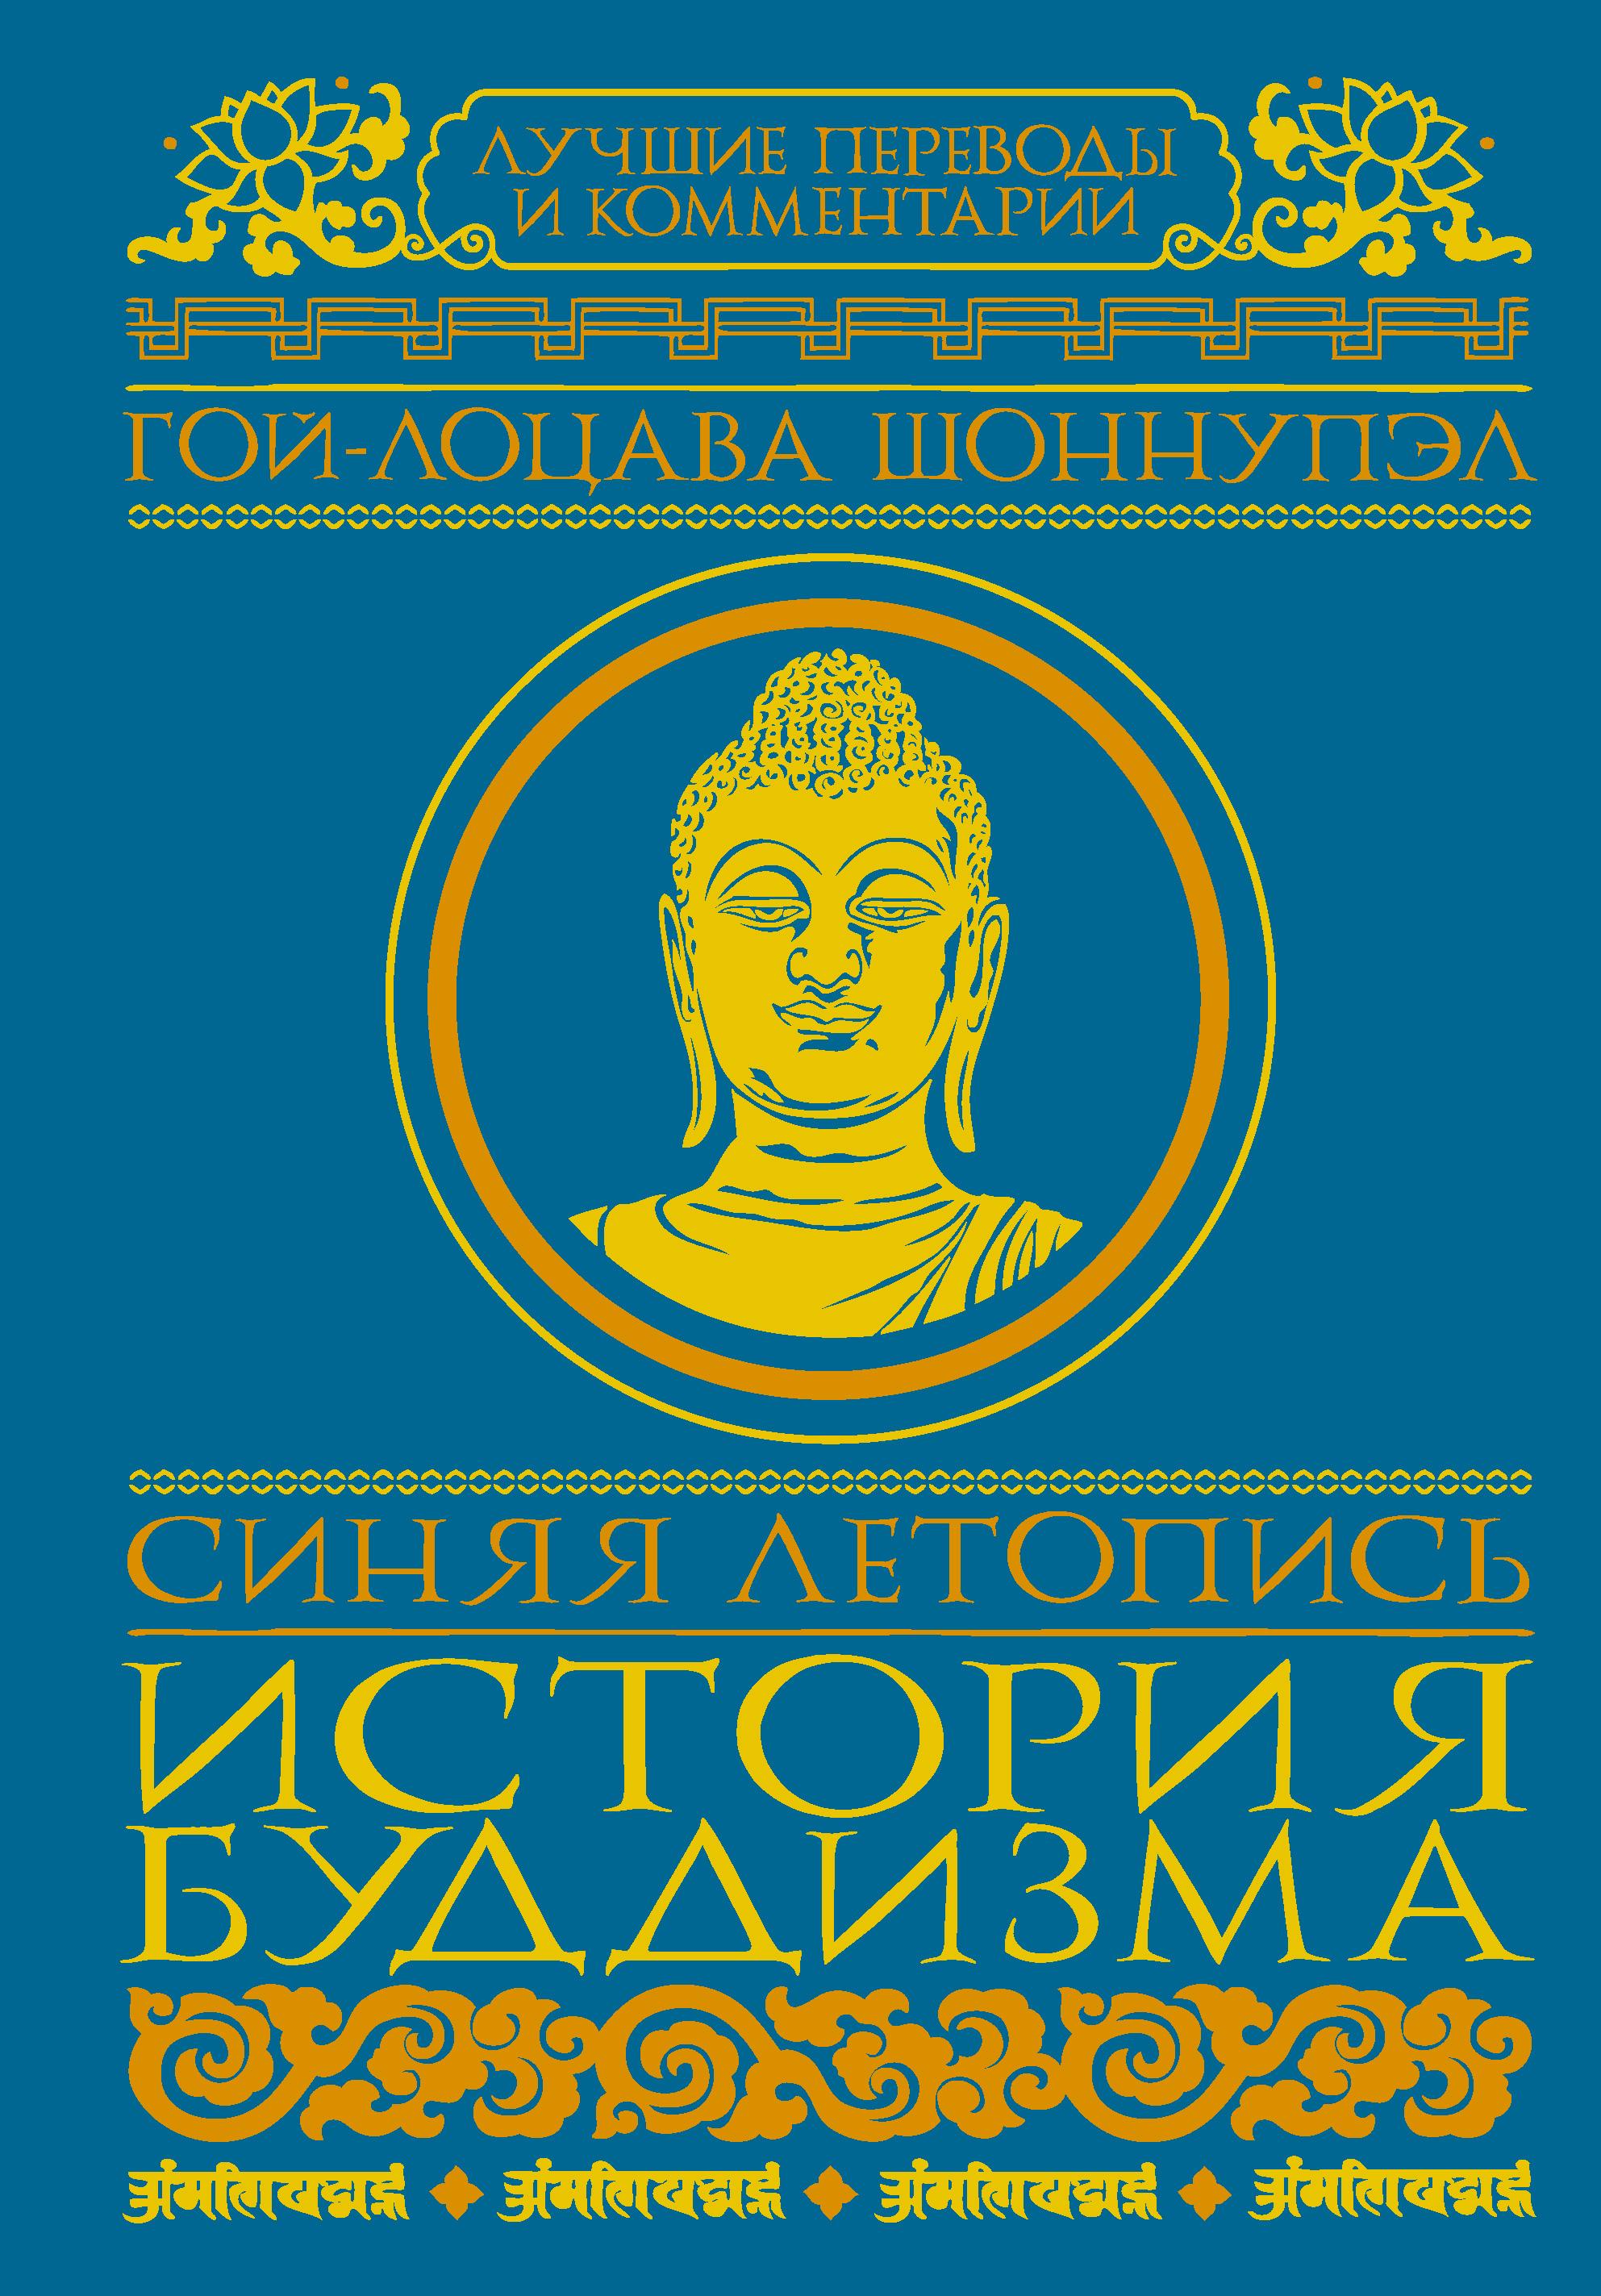 Синяя летопись. История буддизма ( Гой-лоцава Шоннупэл  )